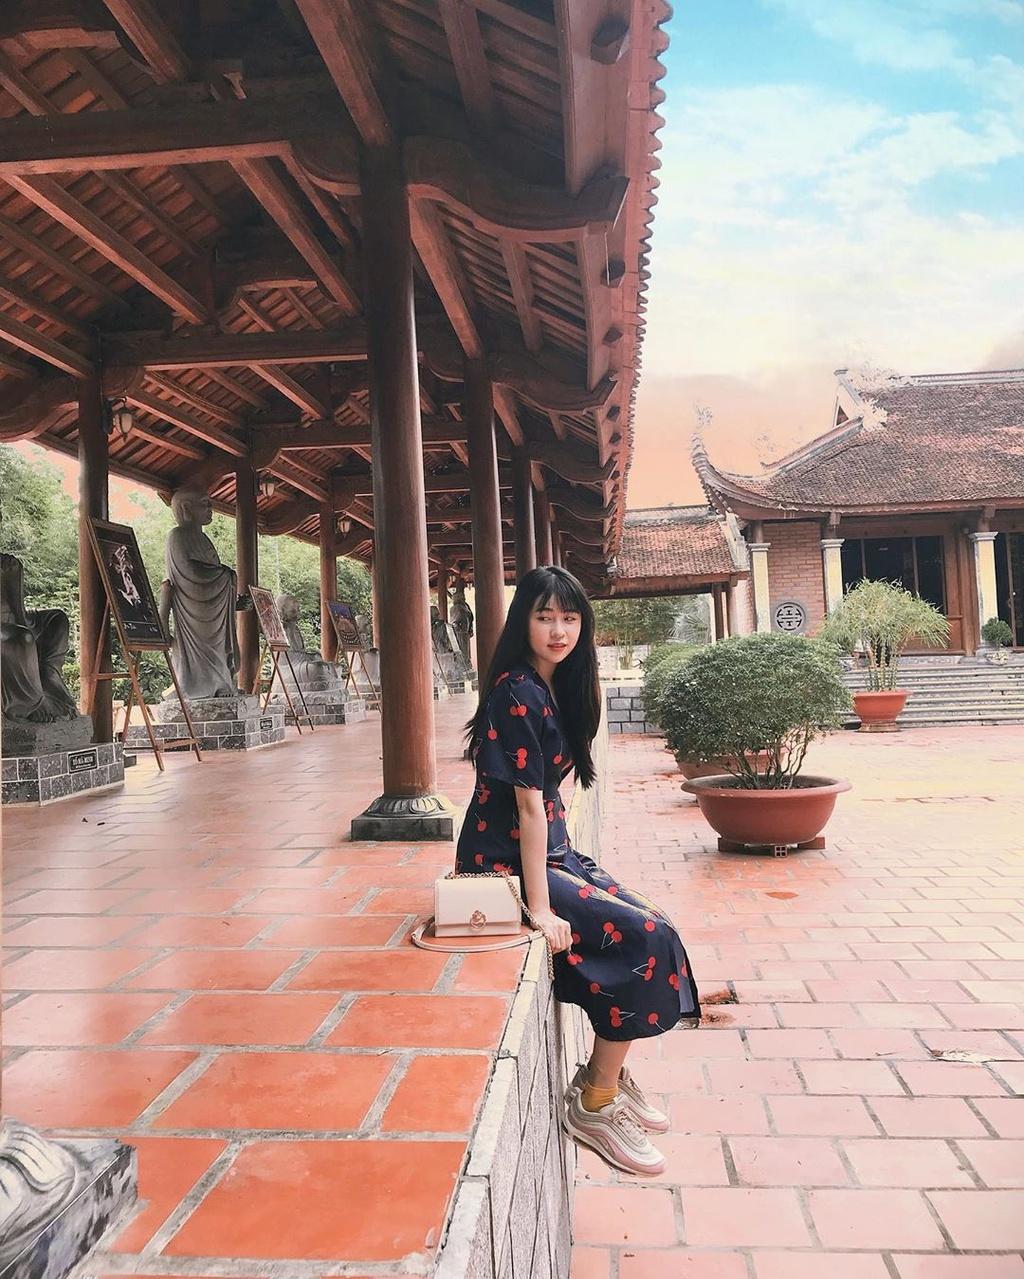 4 Thien vien Truc Lam noi tieng o Nam Bo hinh anh 7  - bichi1559_69121514_167756764407723_8358381113536883856_n - 4 Thiền viện Trúc Lâm nổi tiếng ở Nam Bộ